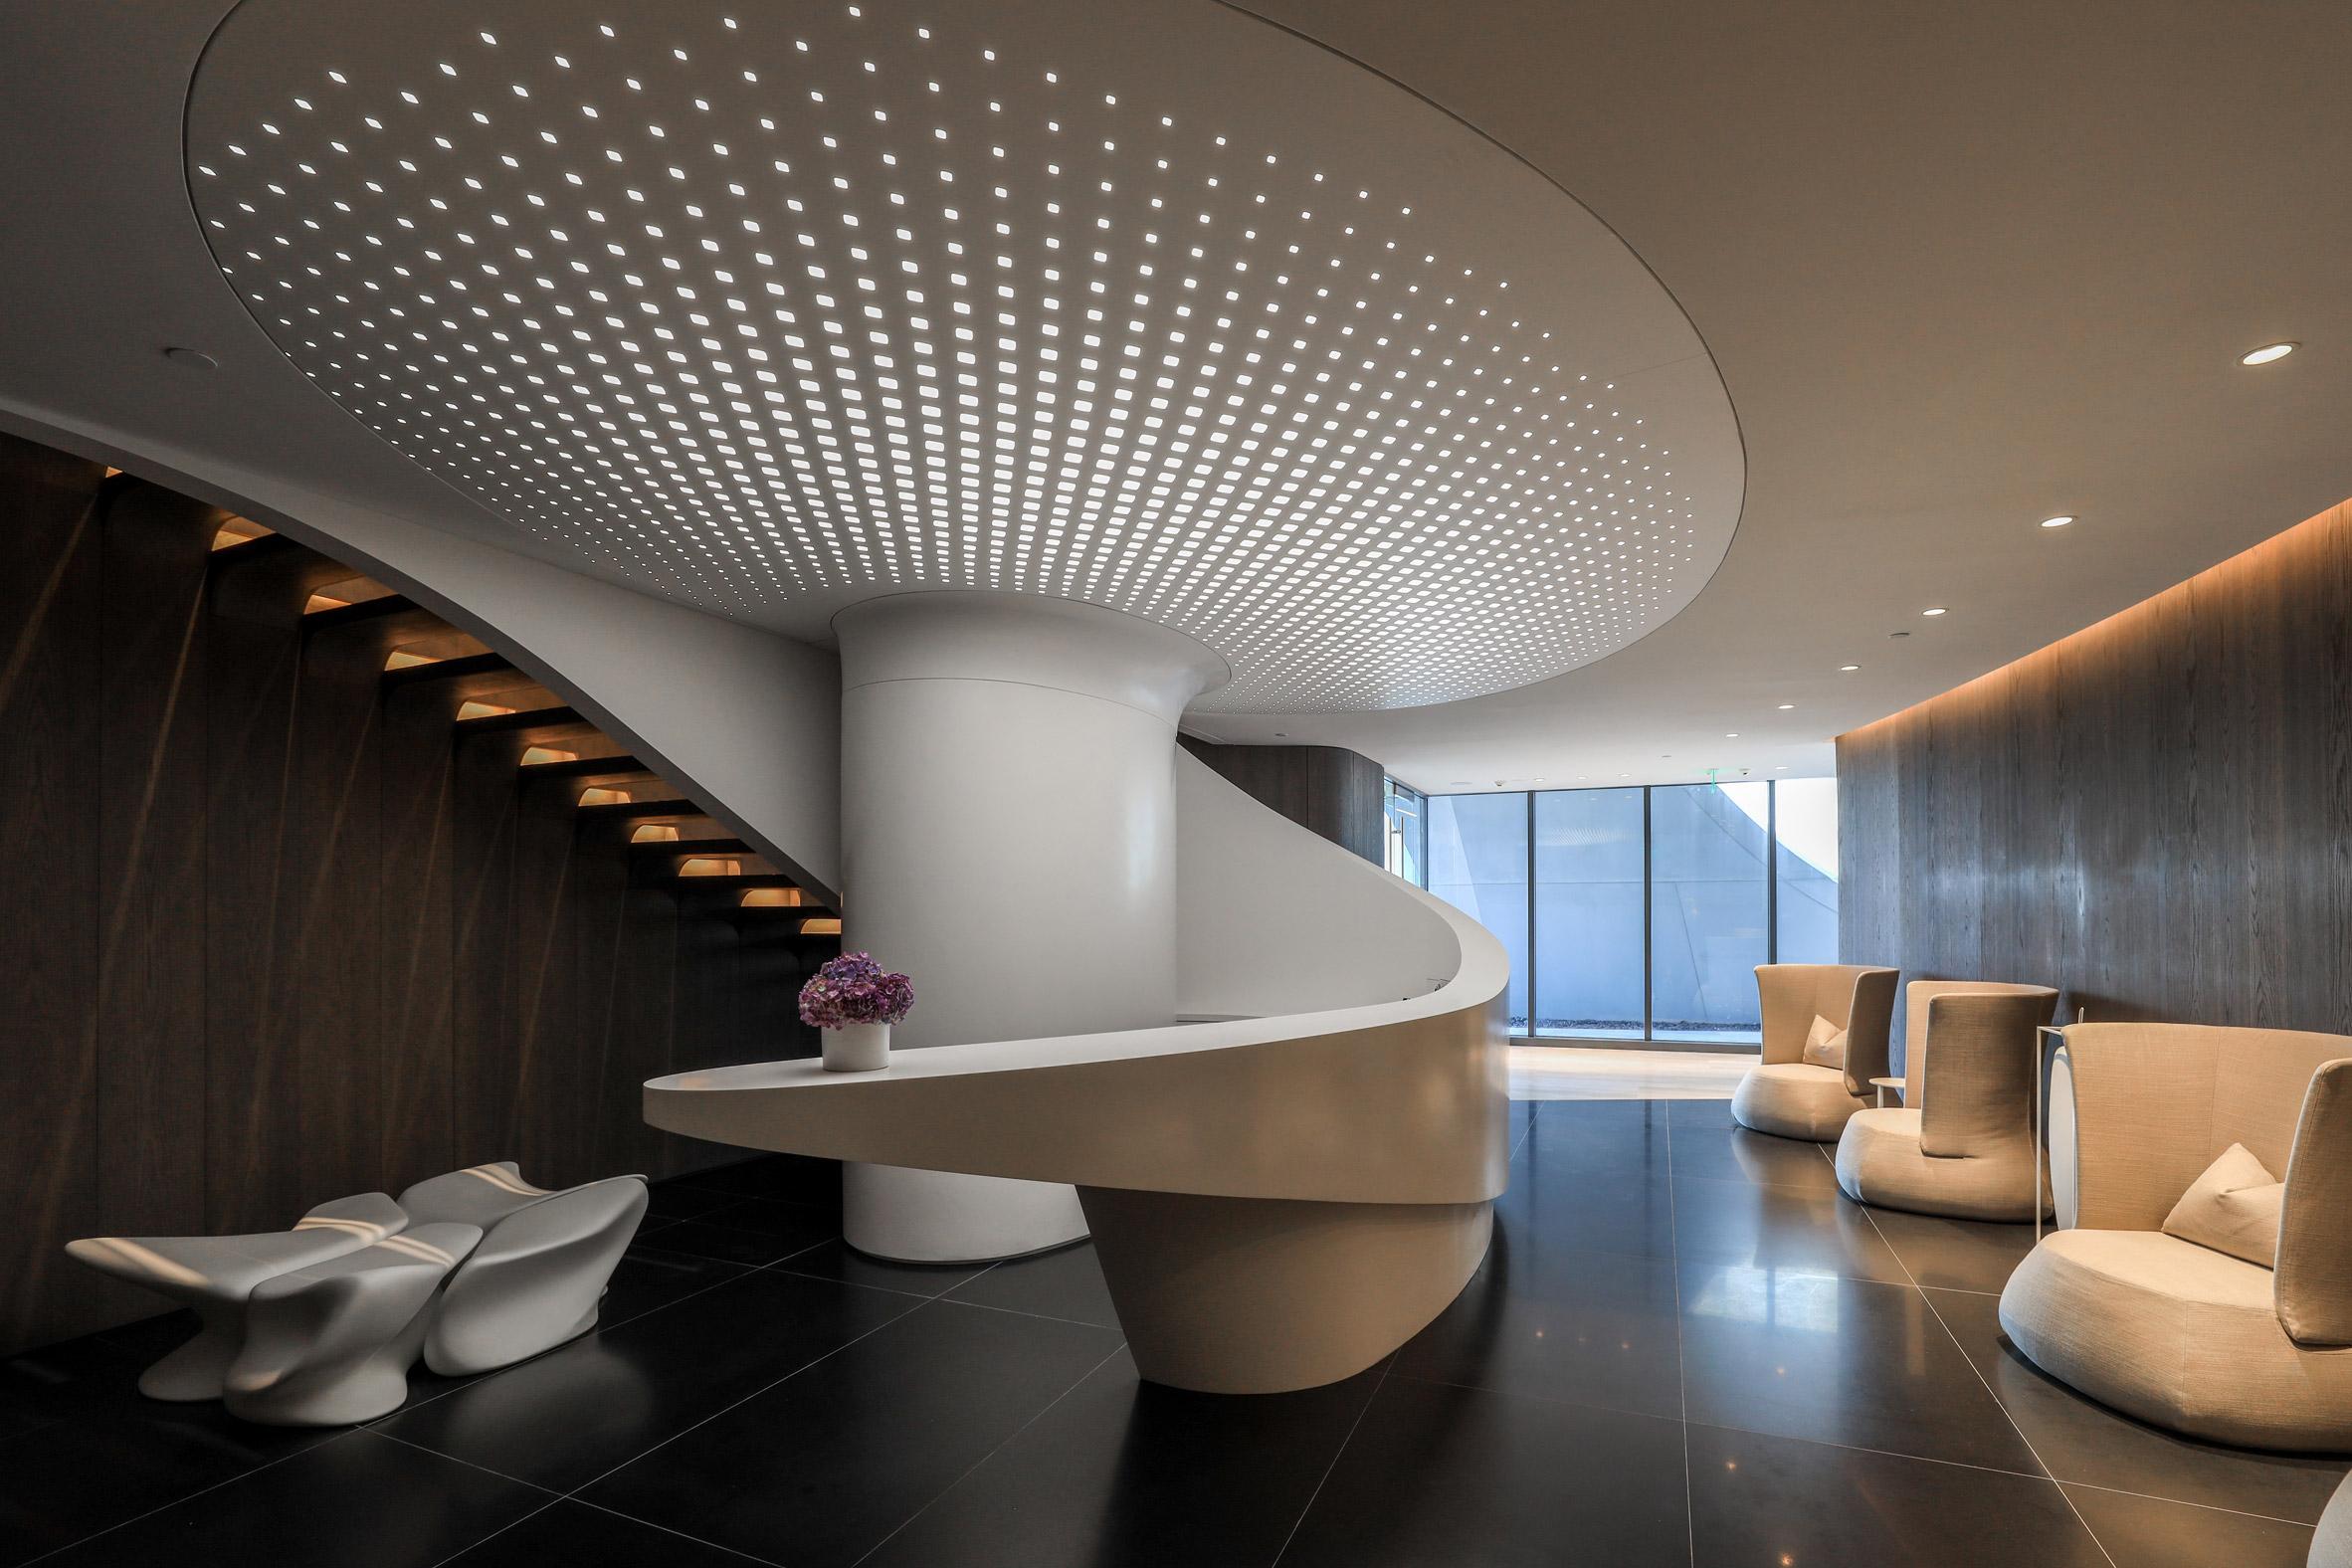 Thiết kế mặt cắt ấn tượng trên trần nhà là sự kết hợp mới lạ giữa trần xuyên sáng và trần đục lỗ Barrisol